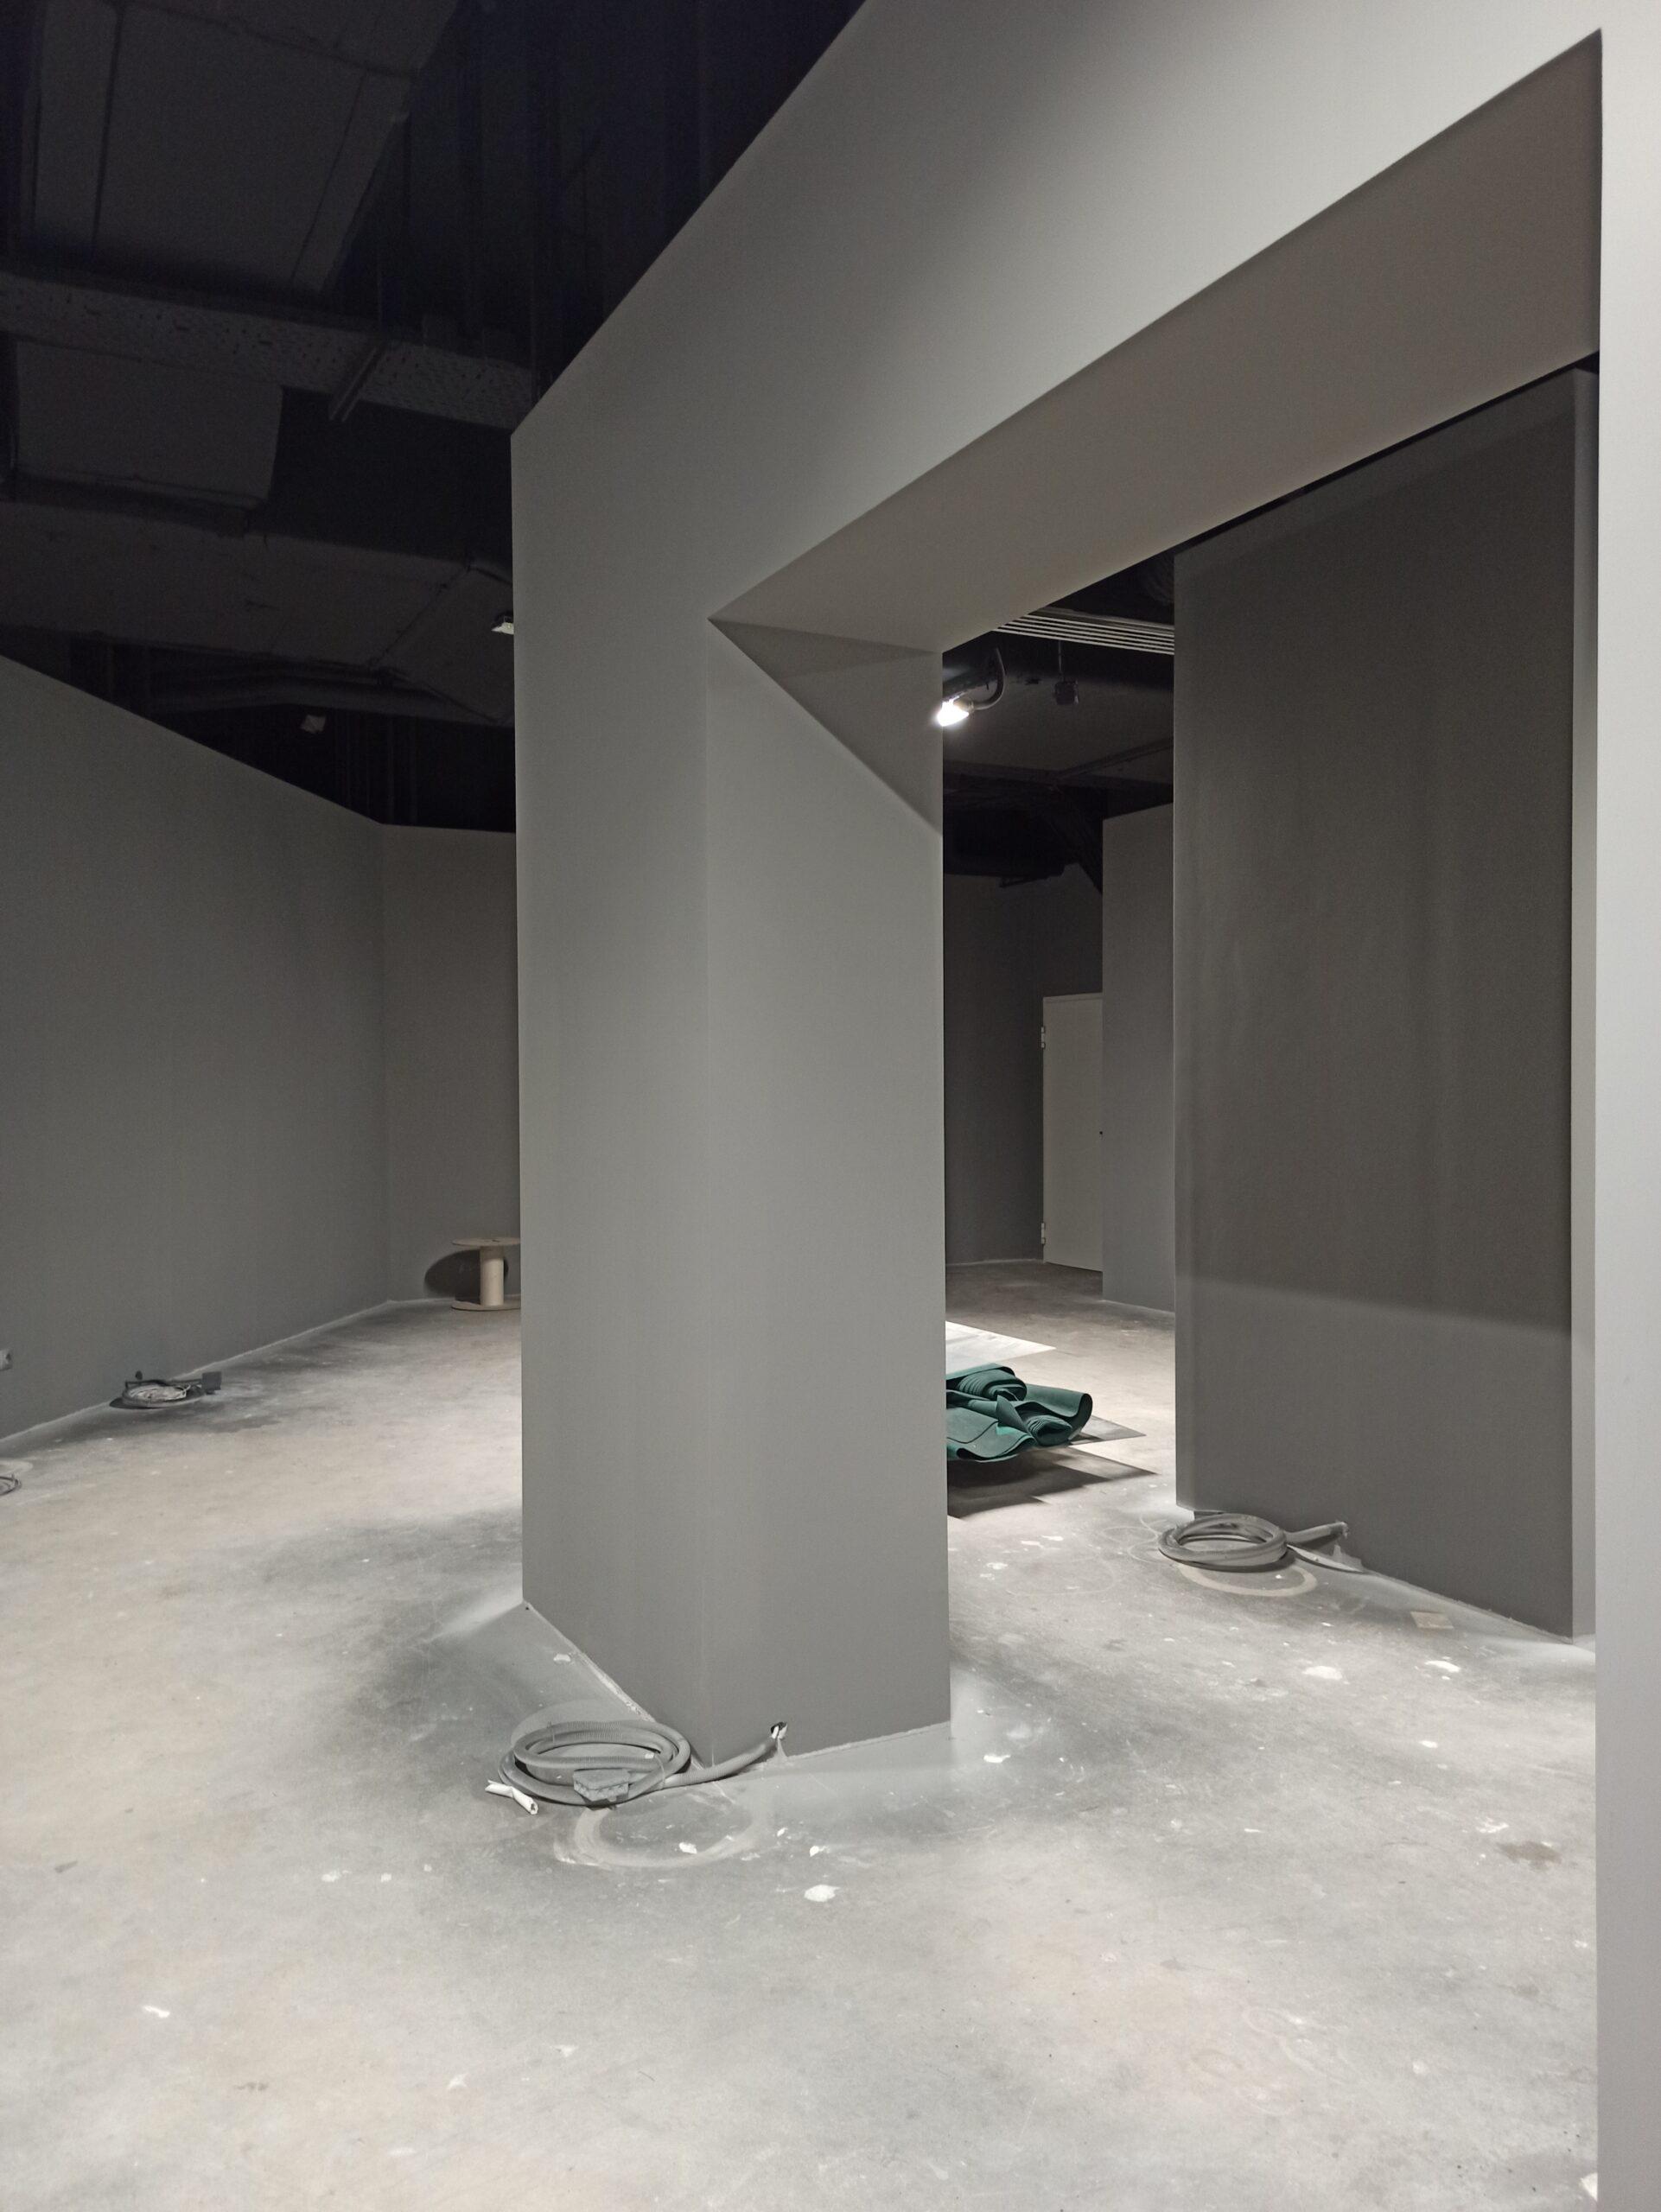 zdjęcie przedstawia puste wnętrze w stanie surowym